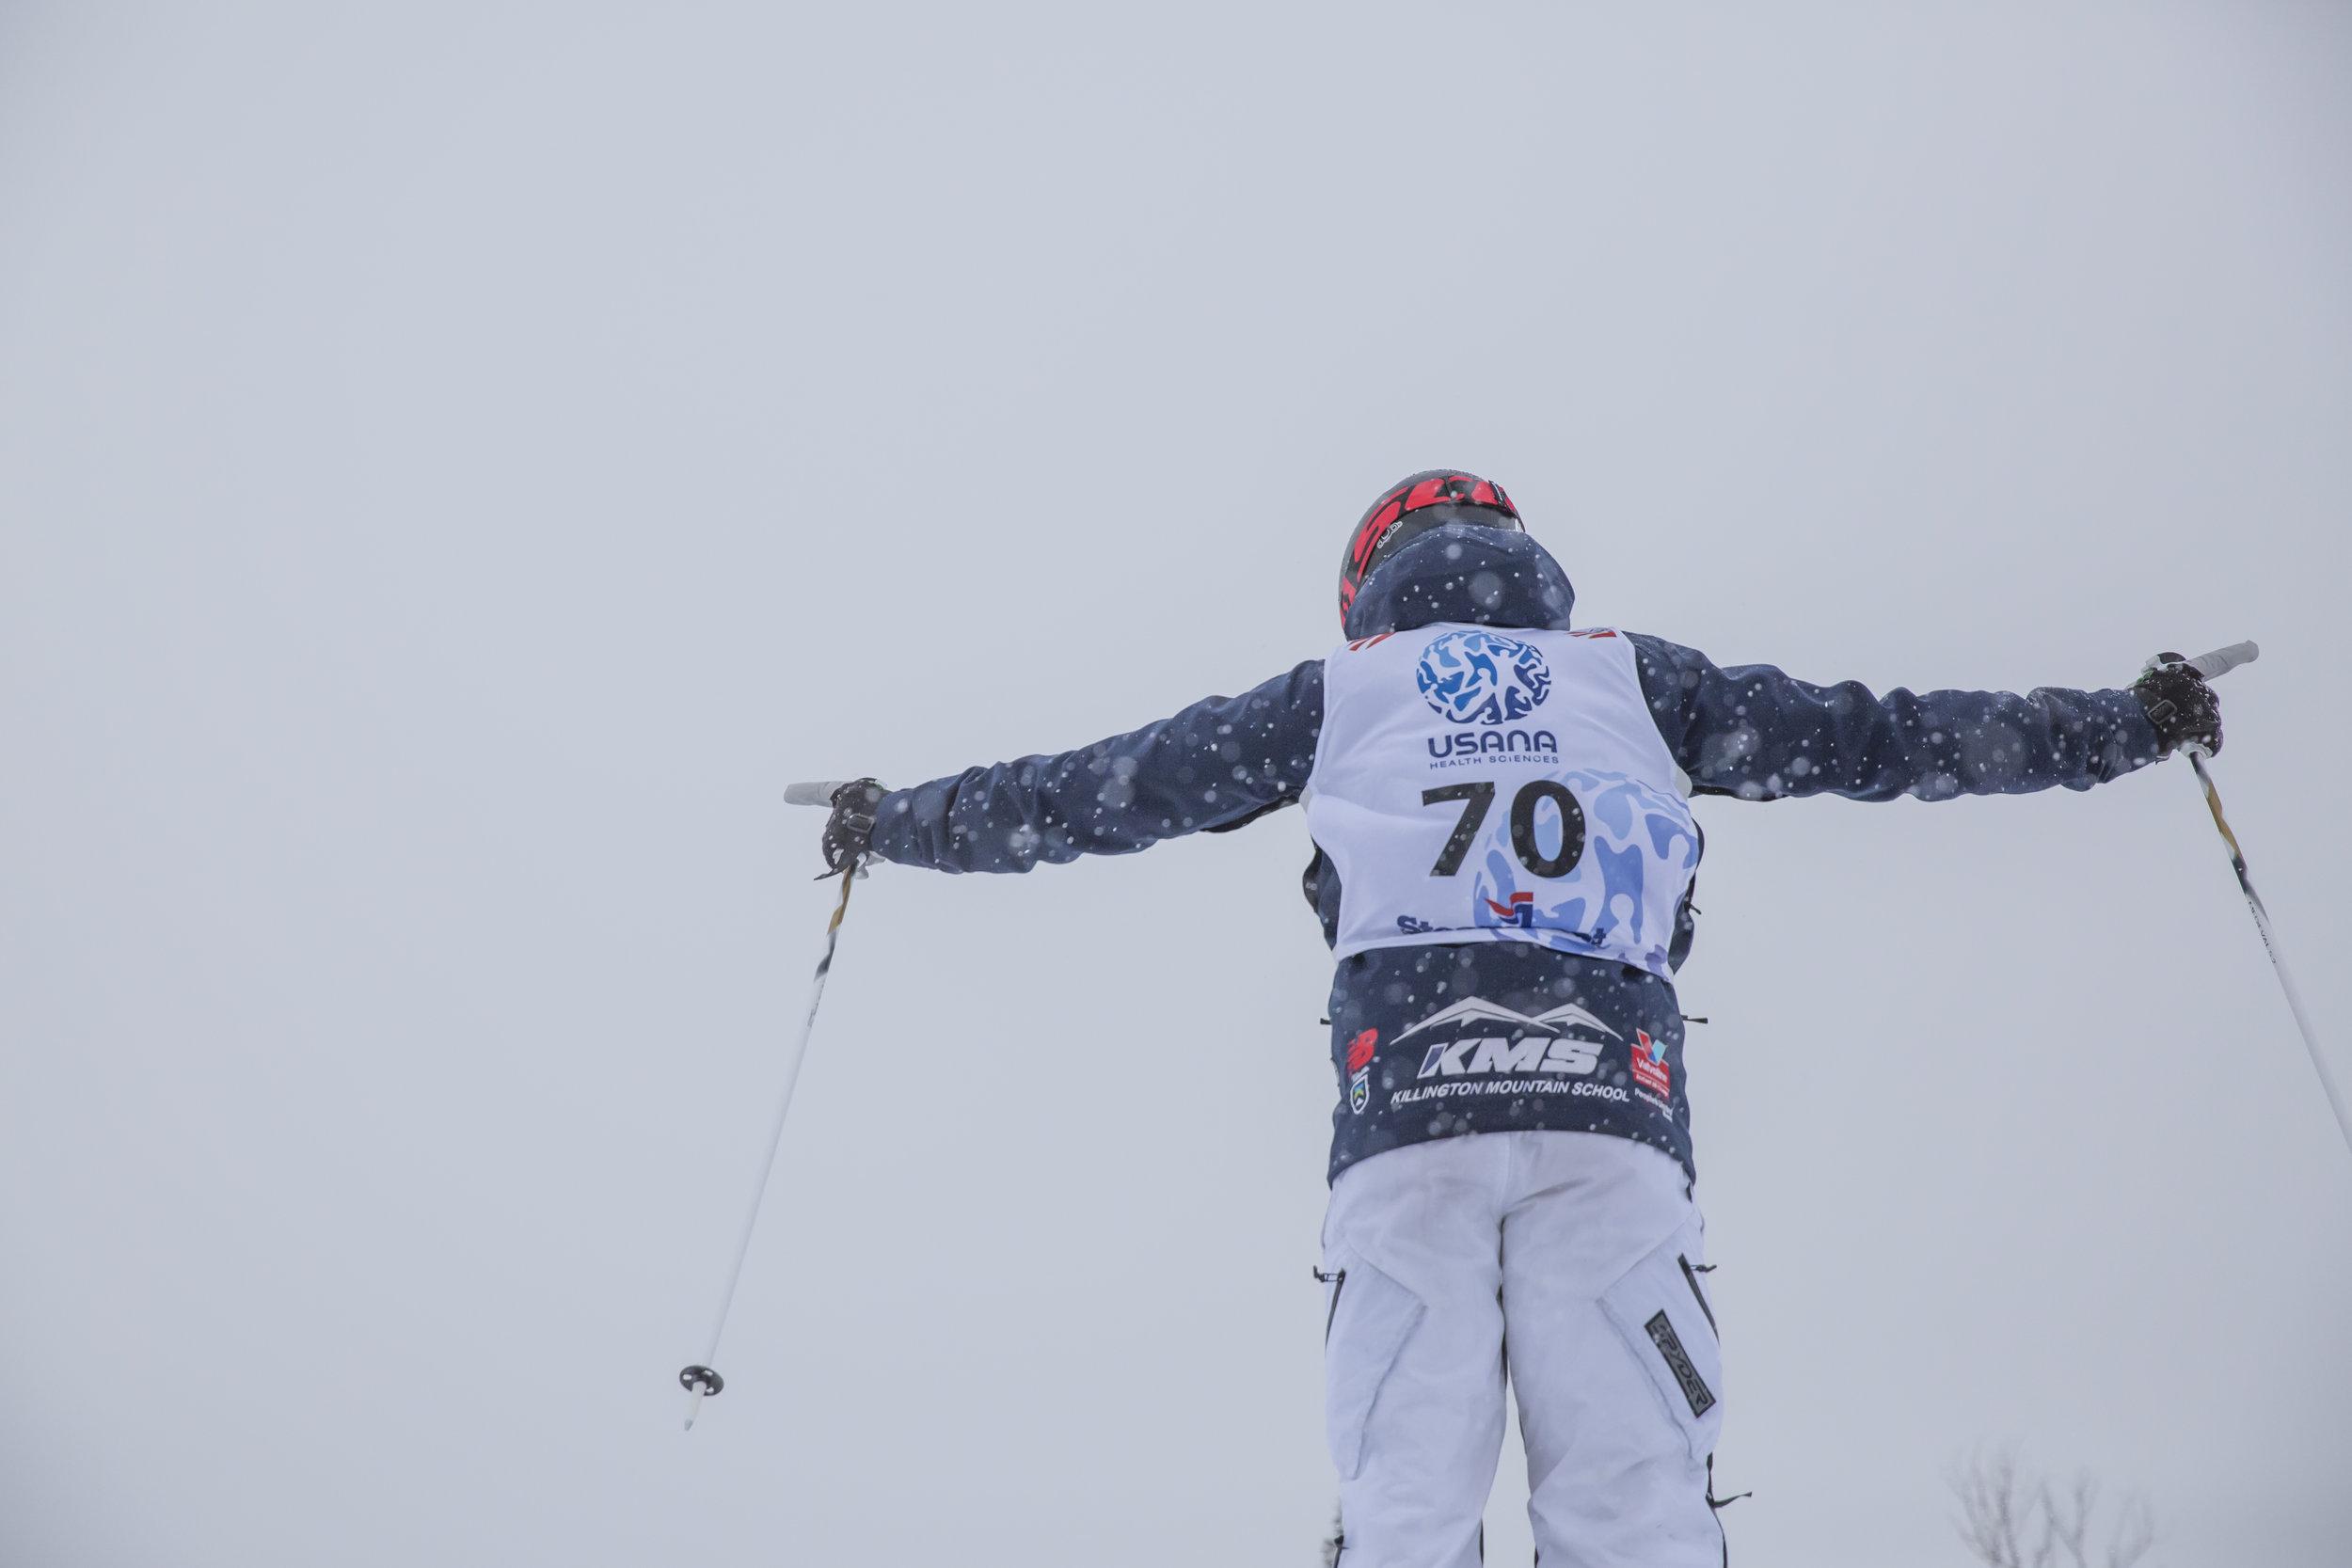 US Ski Team_Steamboat Springs_TR_40A1158.jpg